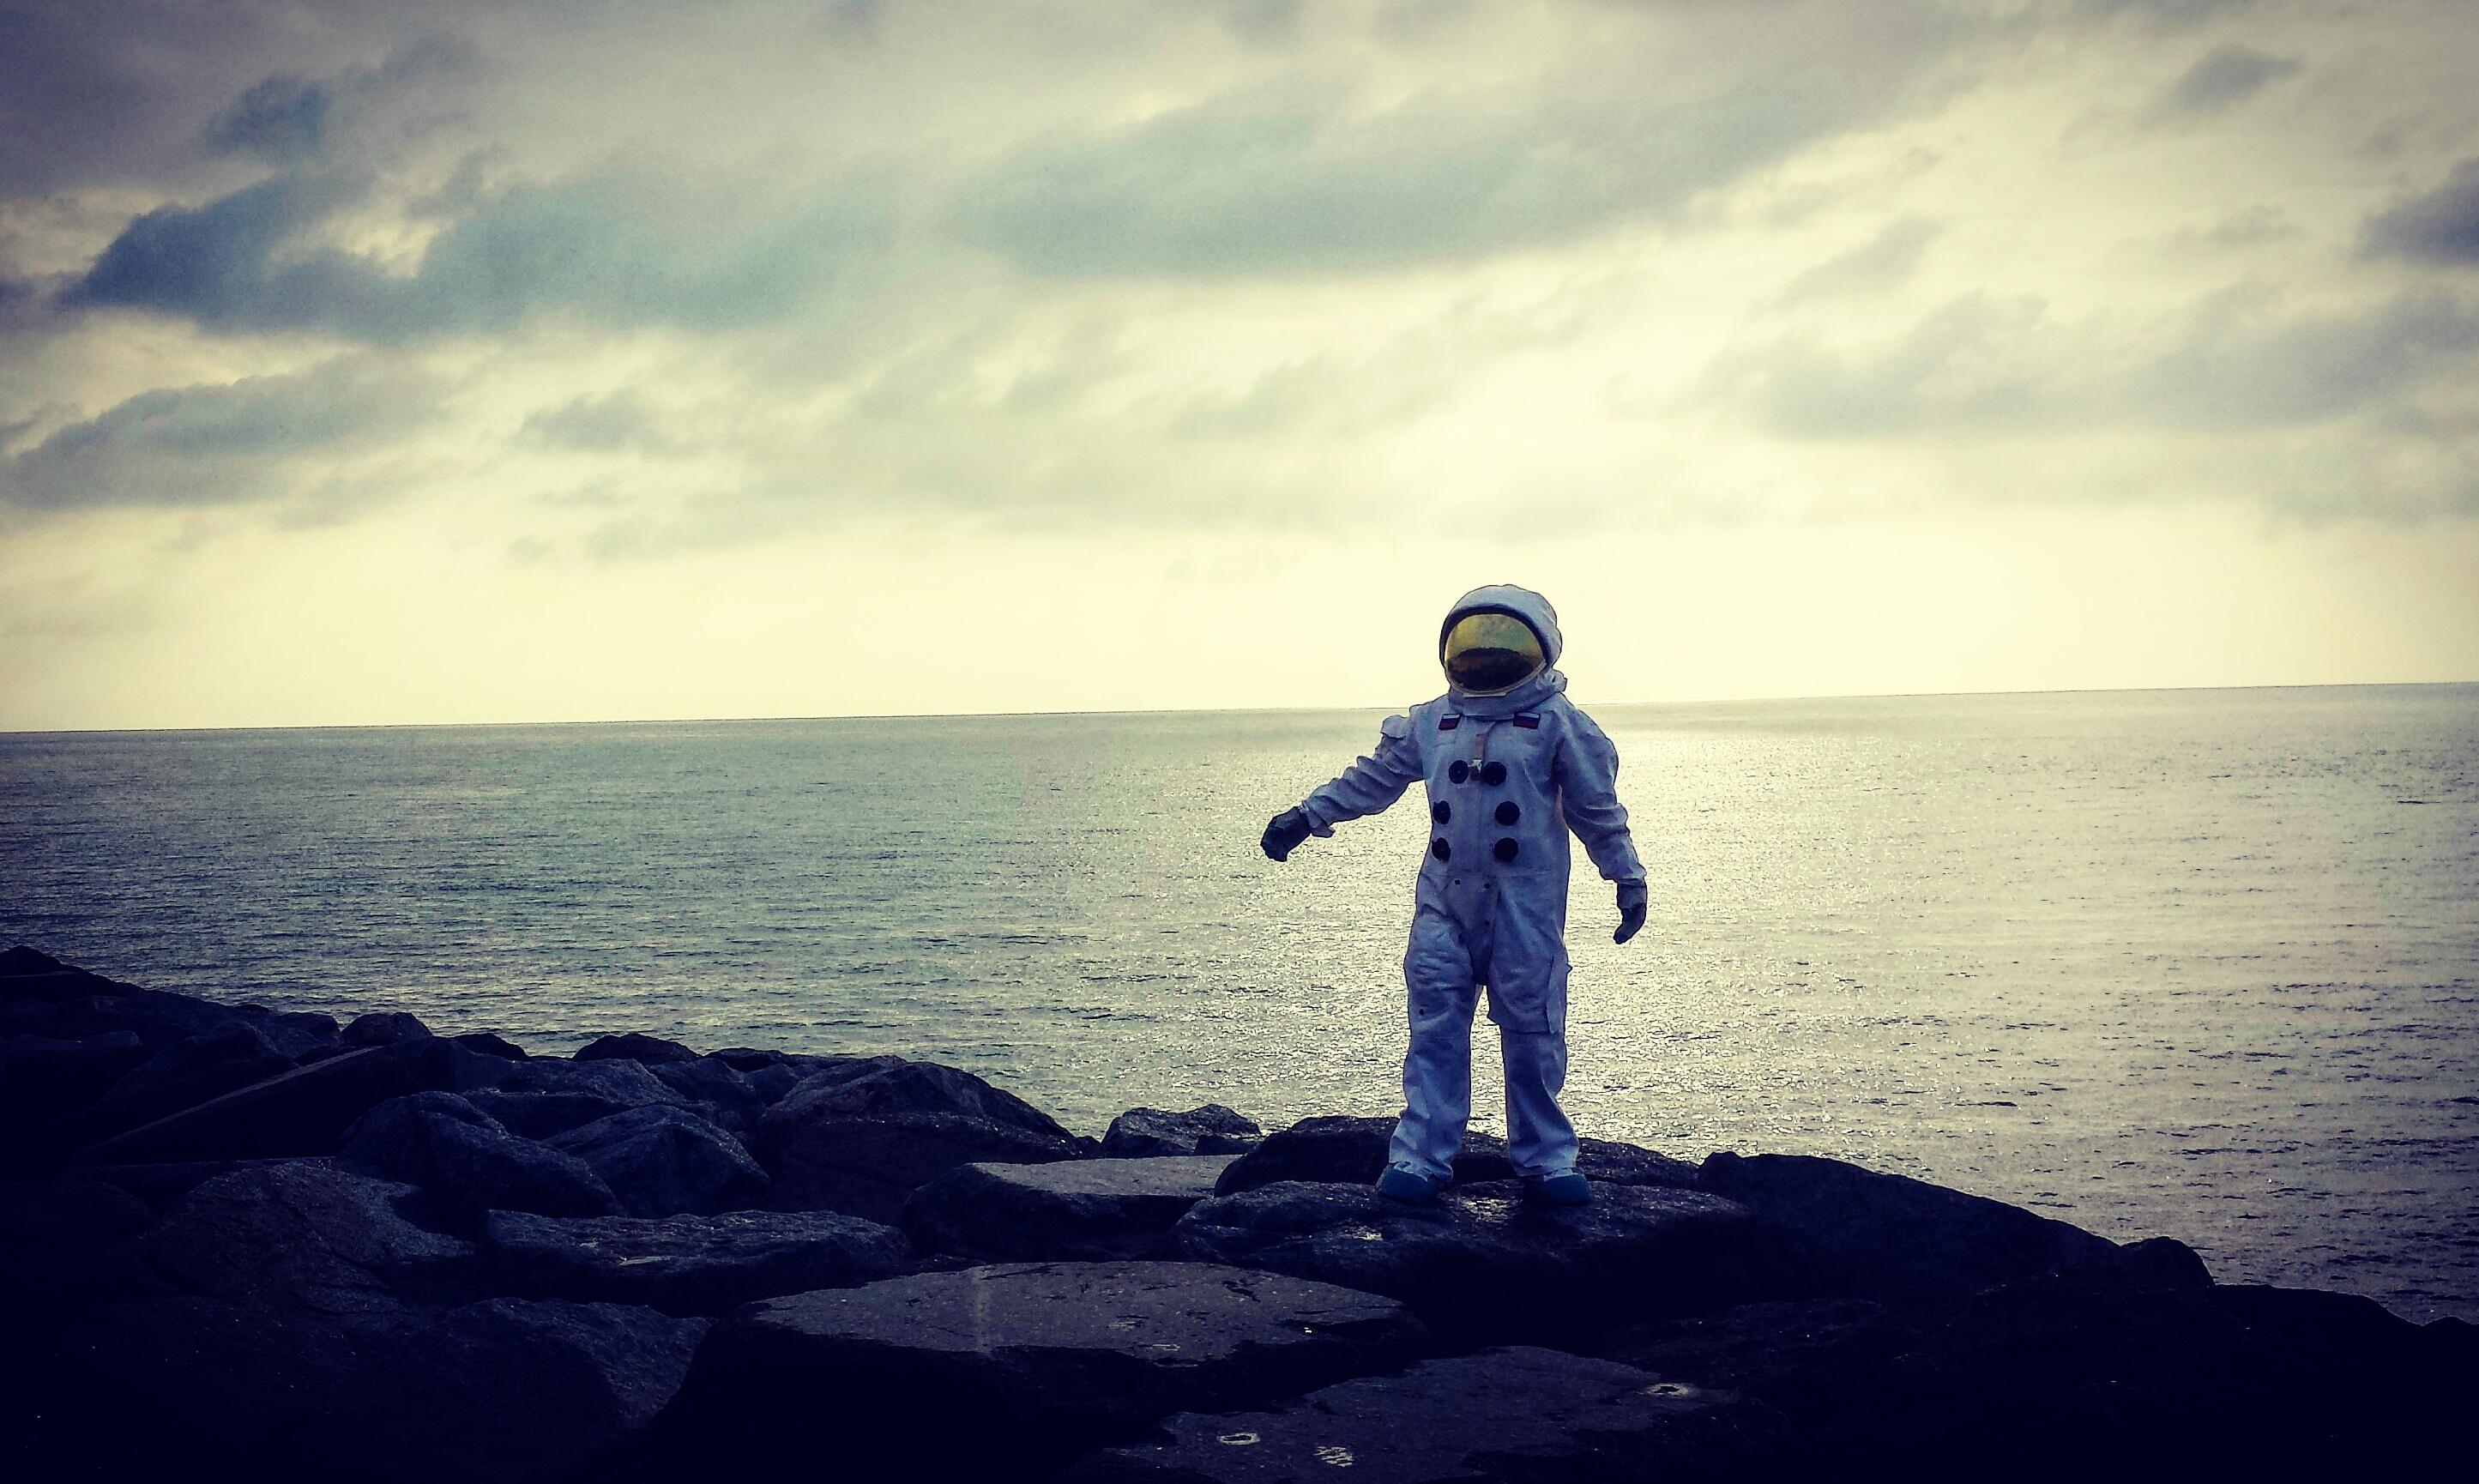 Astronaut seen on the Marsh